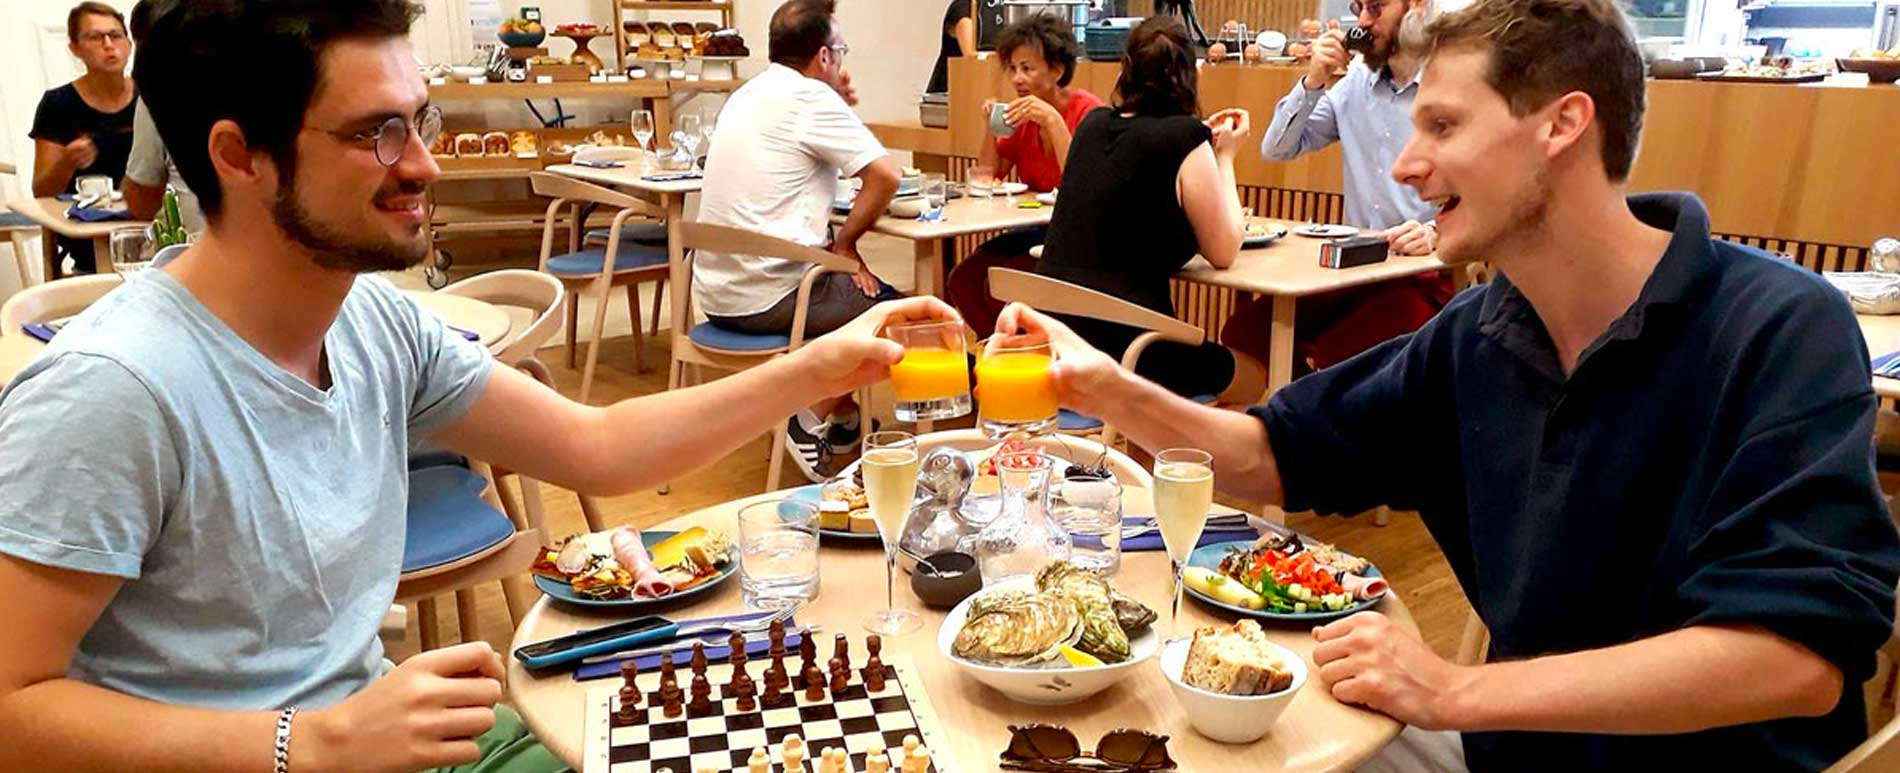 brunch-amis-jeux-echec-nantes-dejeuner-musee